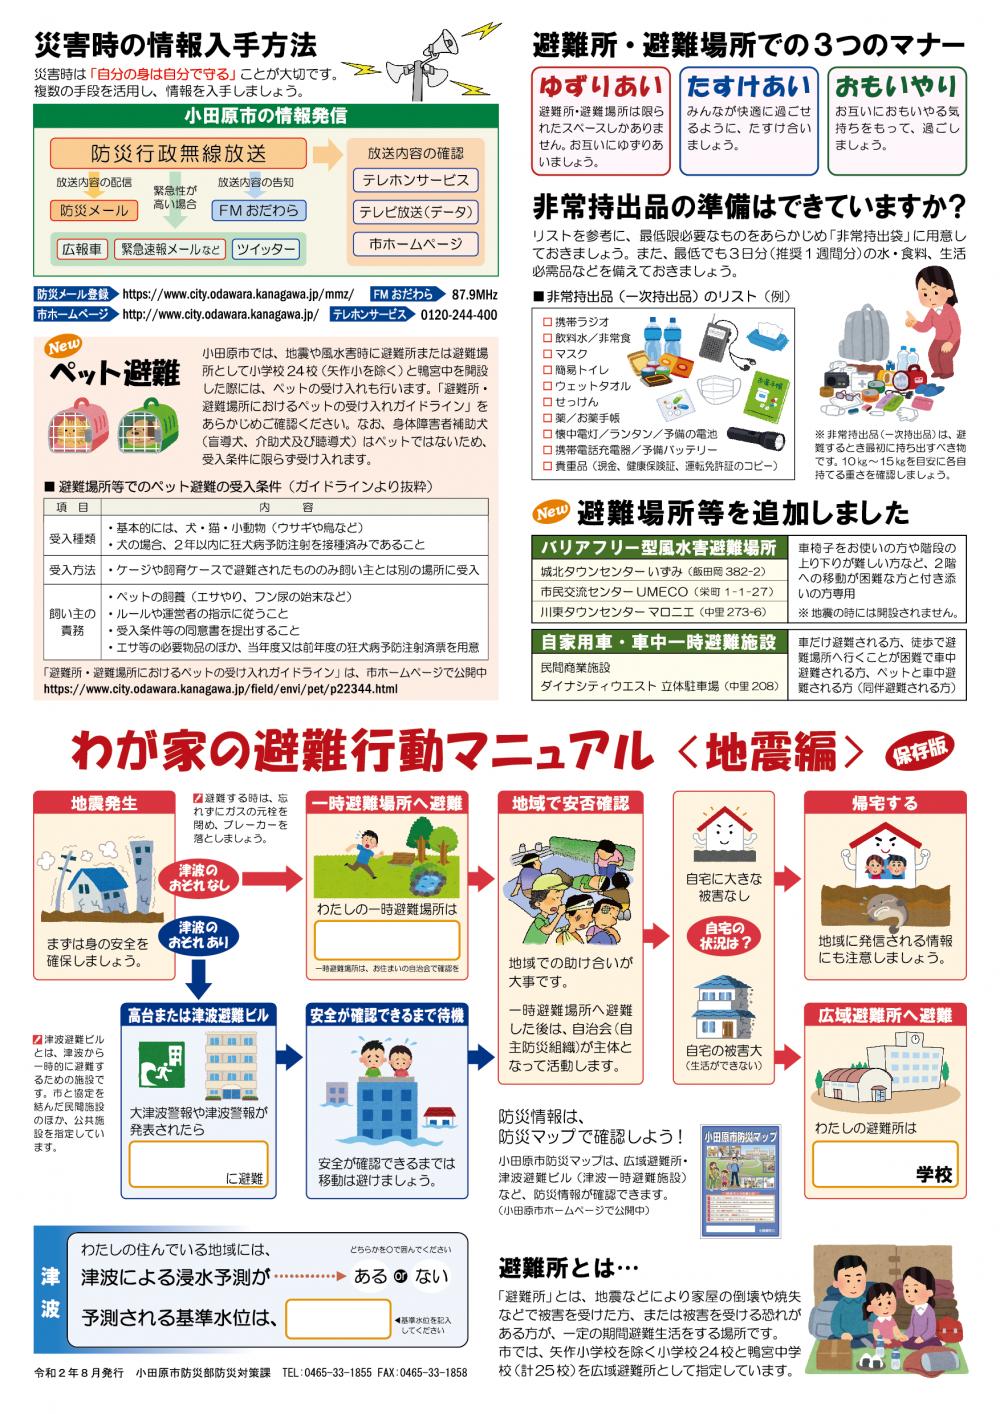 わが家の避難行動マニュアル(地震編)